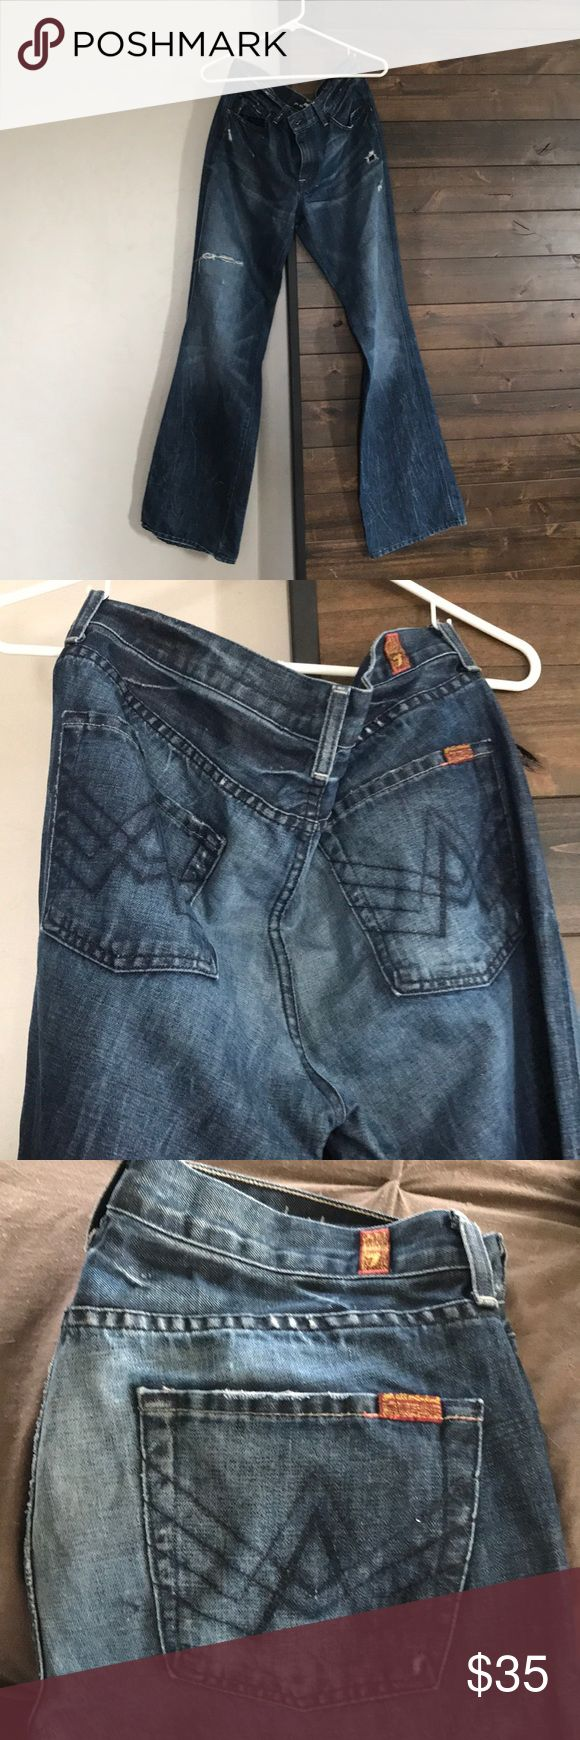 Men's Seven jeans Great condition men's 7 jeans size 34 Seven7 Jeans Bootcut